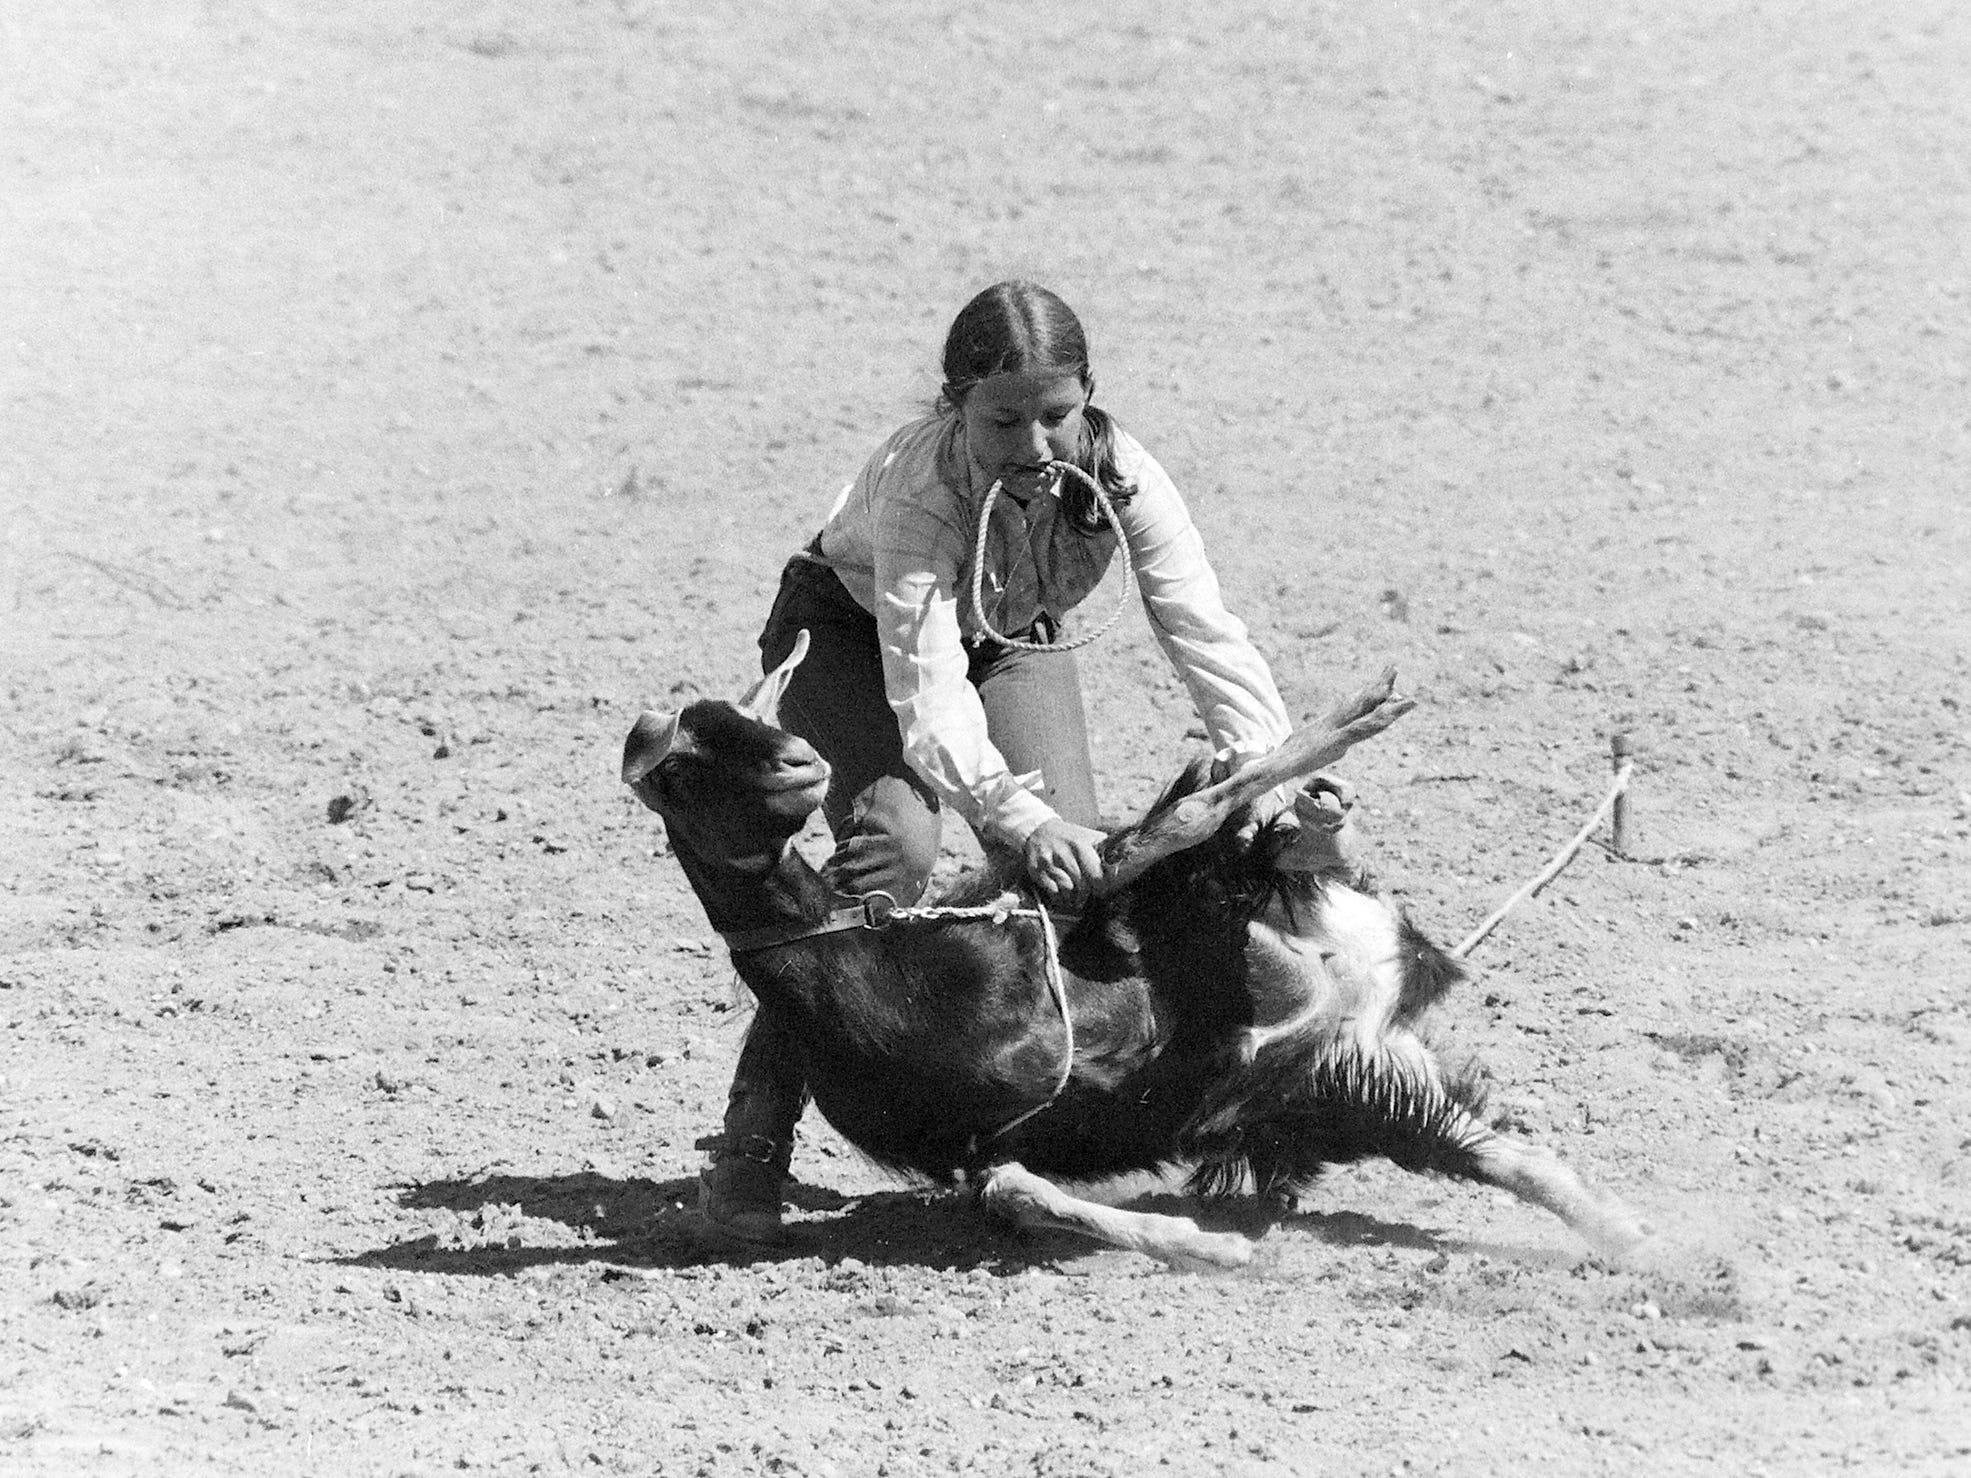 06/22/70JR Rodeo